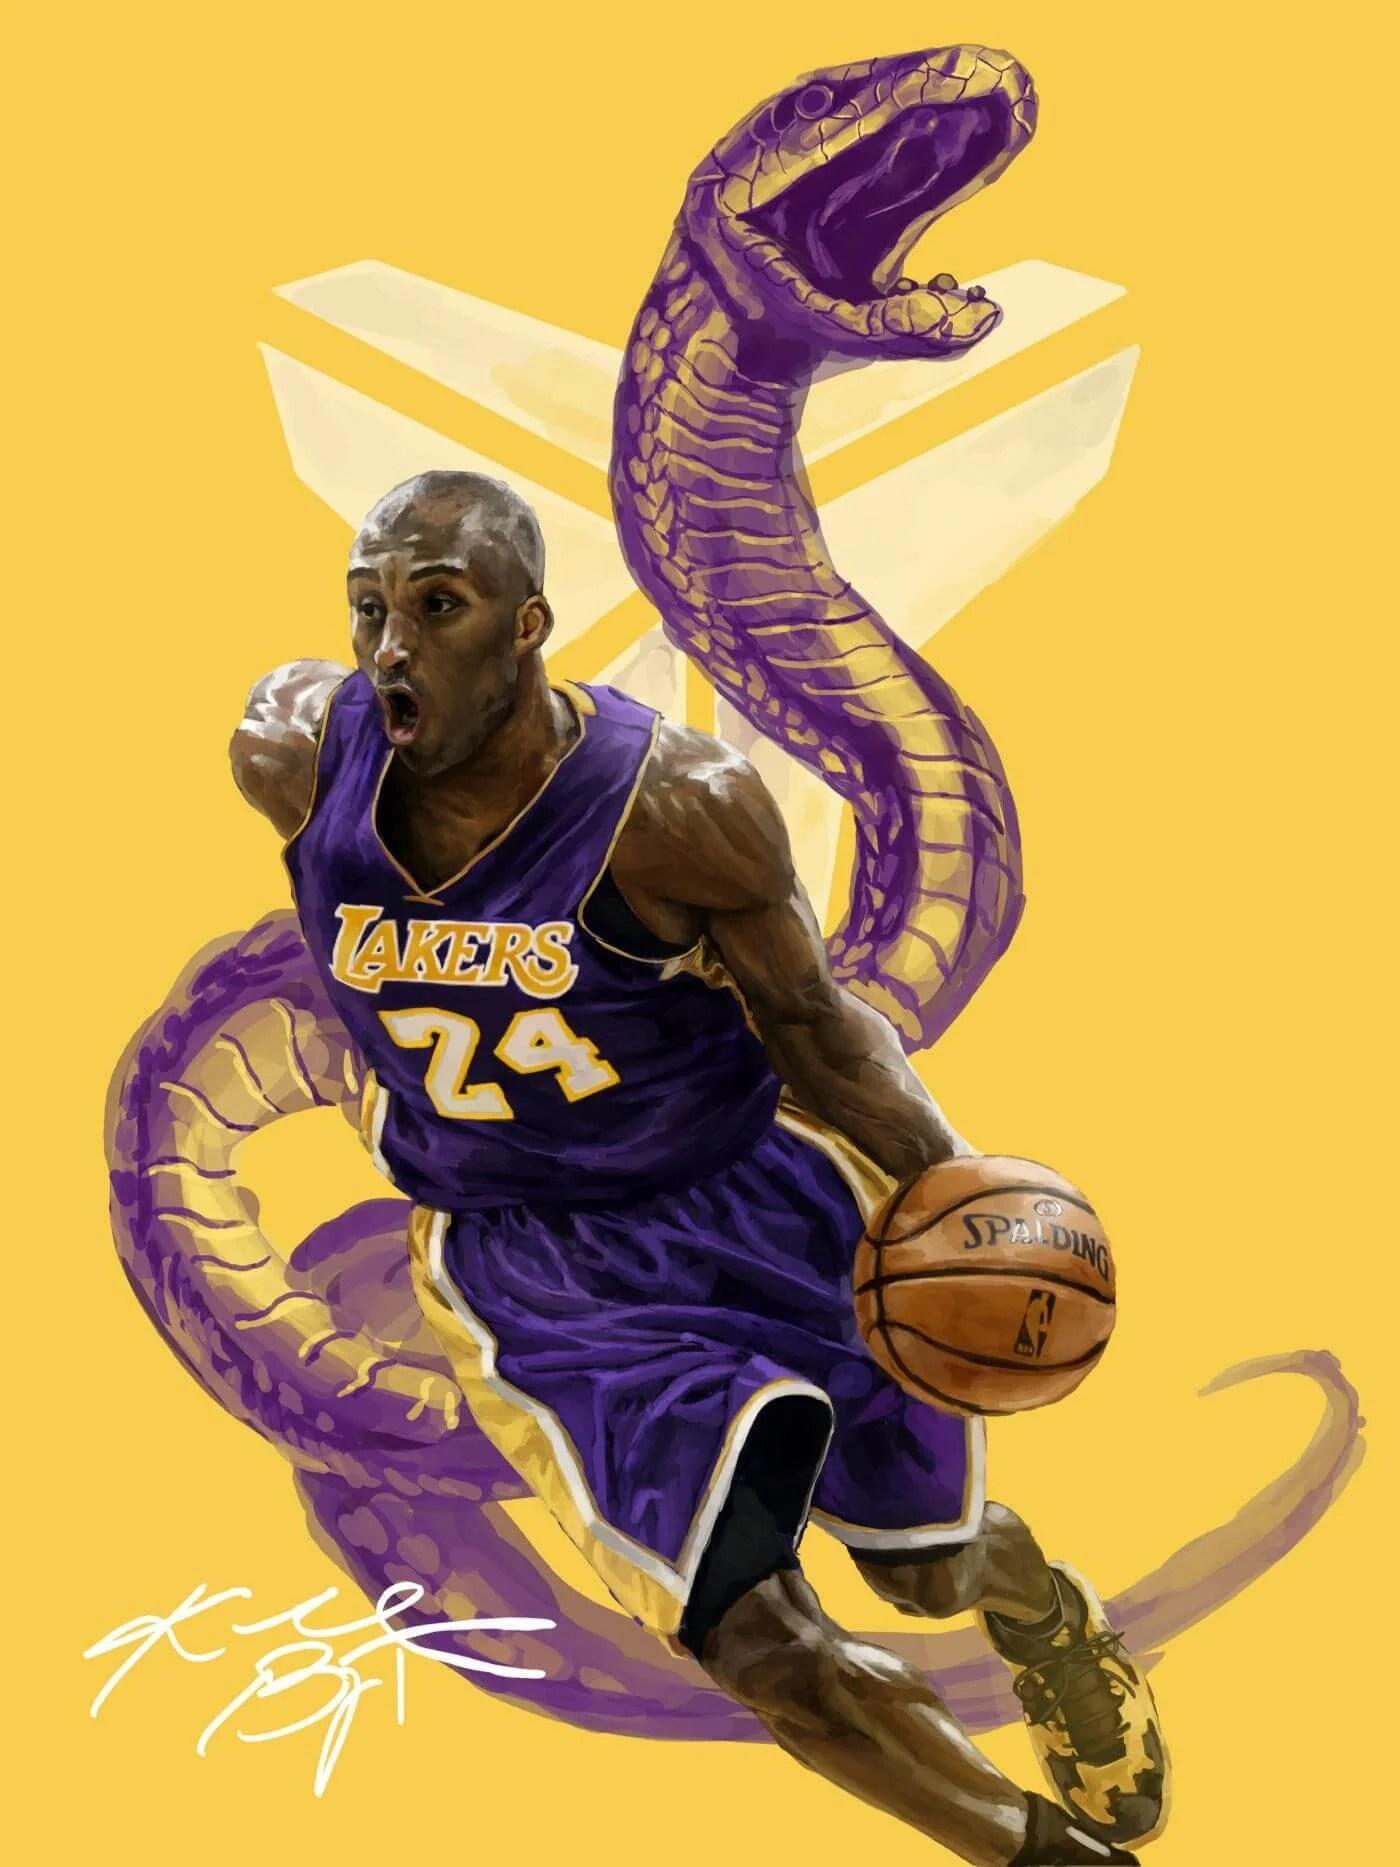 kobe bryant la lakers black mamba nba basketball great fan art poster posters